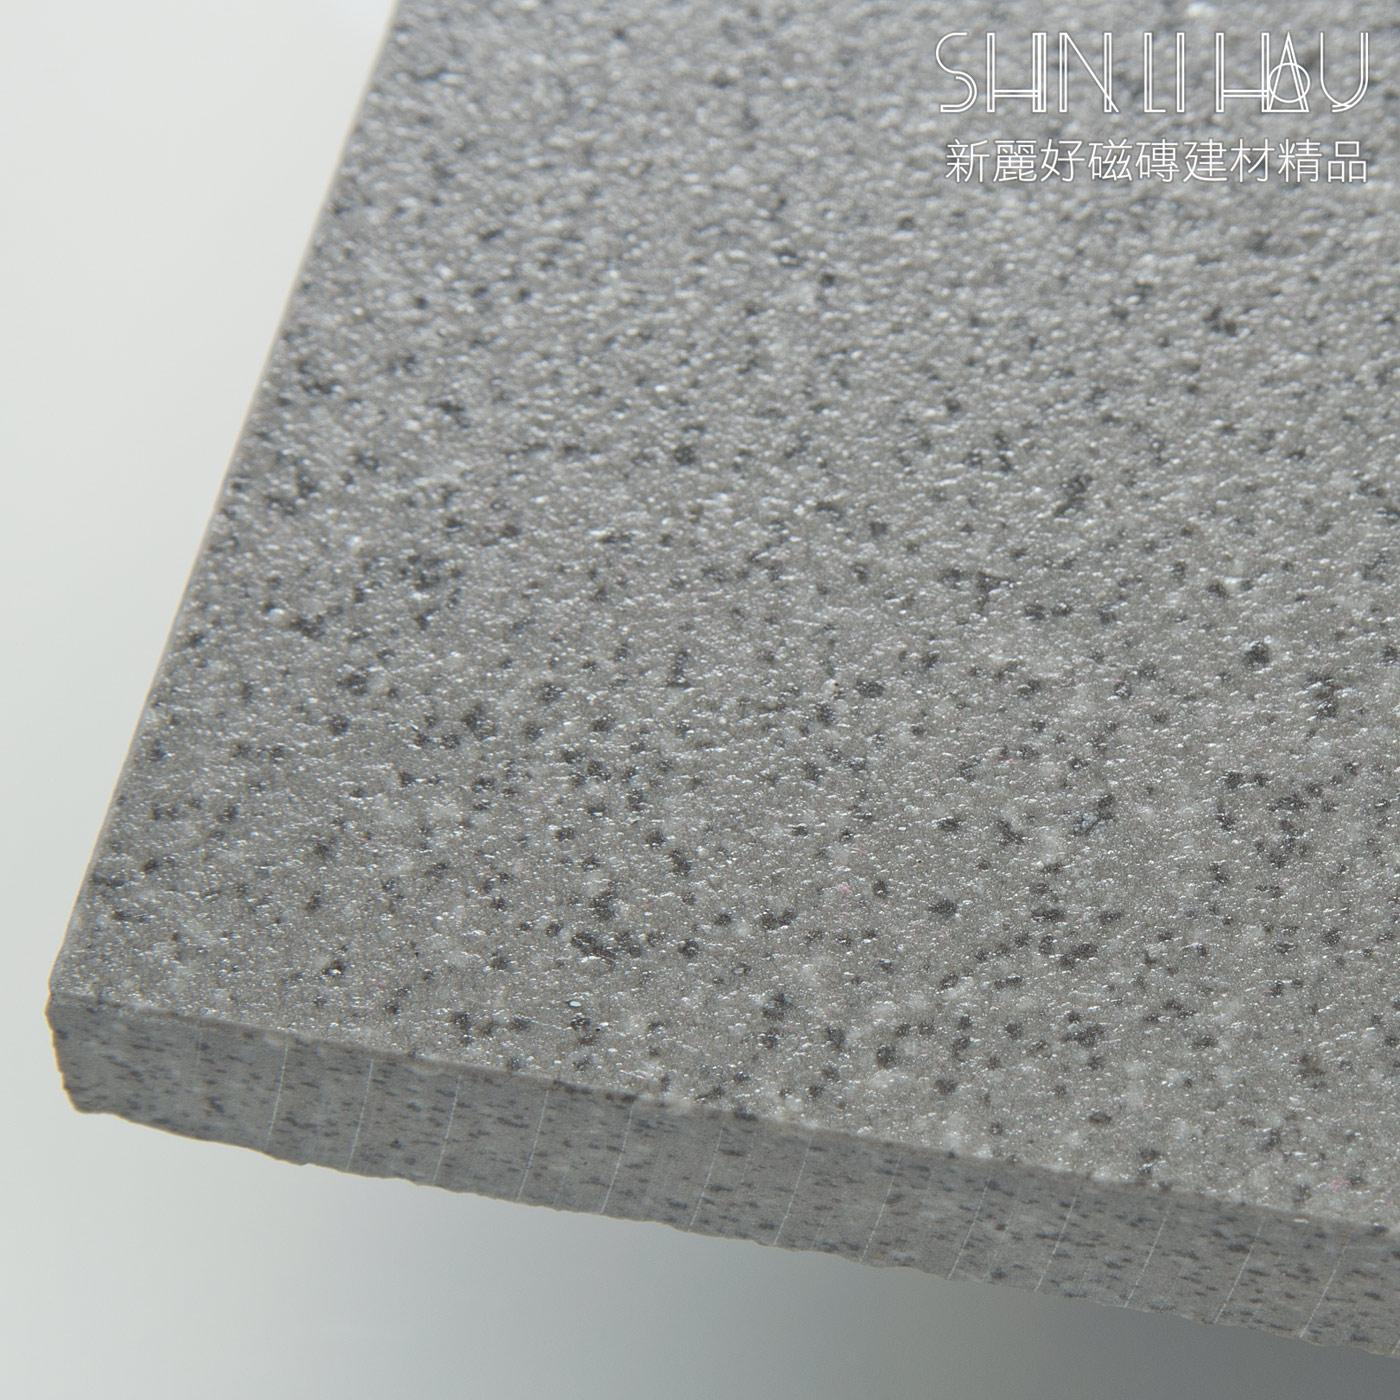 馬其頓帝國石英透心系列 - 灰色